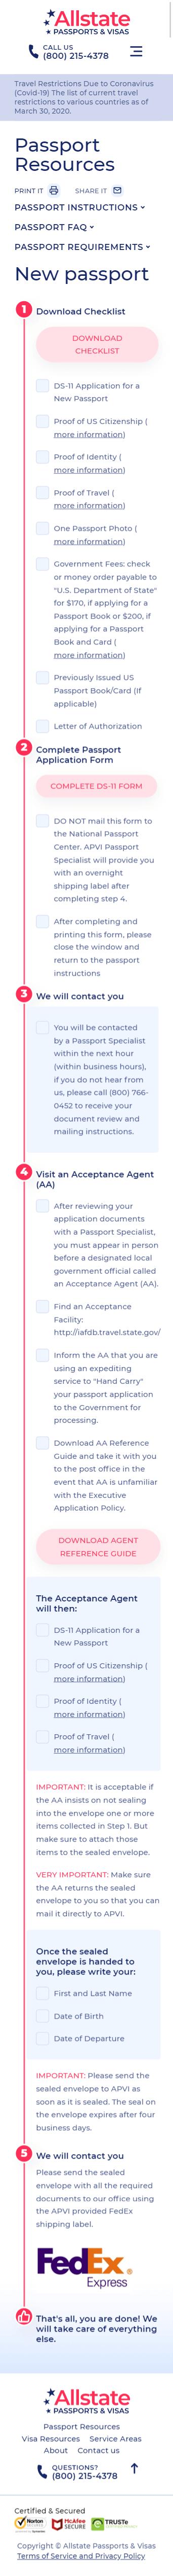 Паспортные Ресурсы